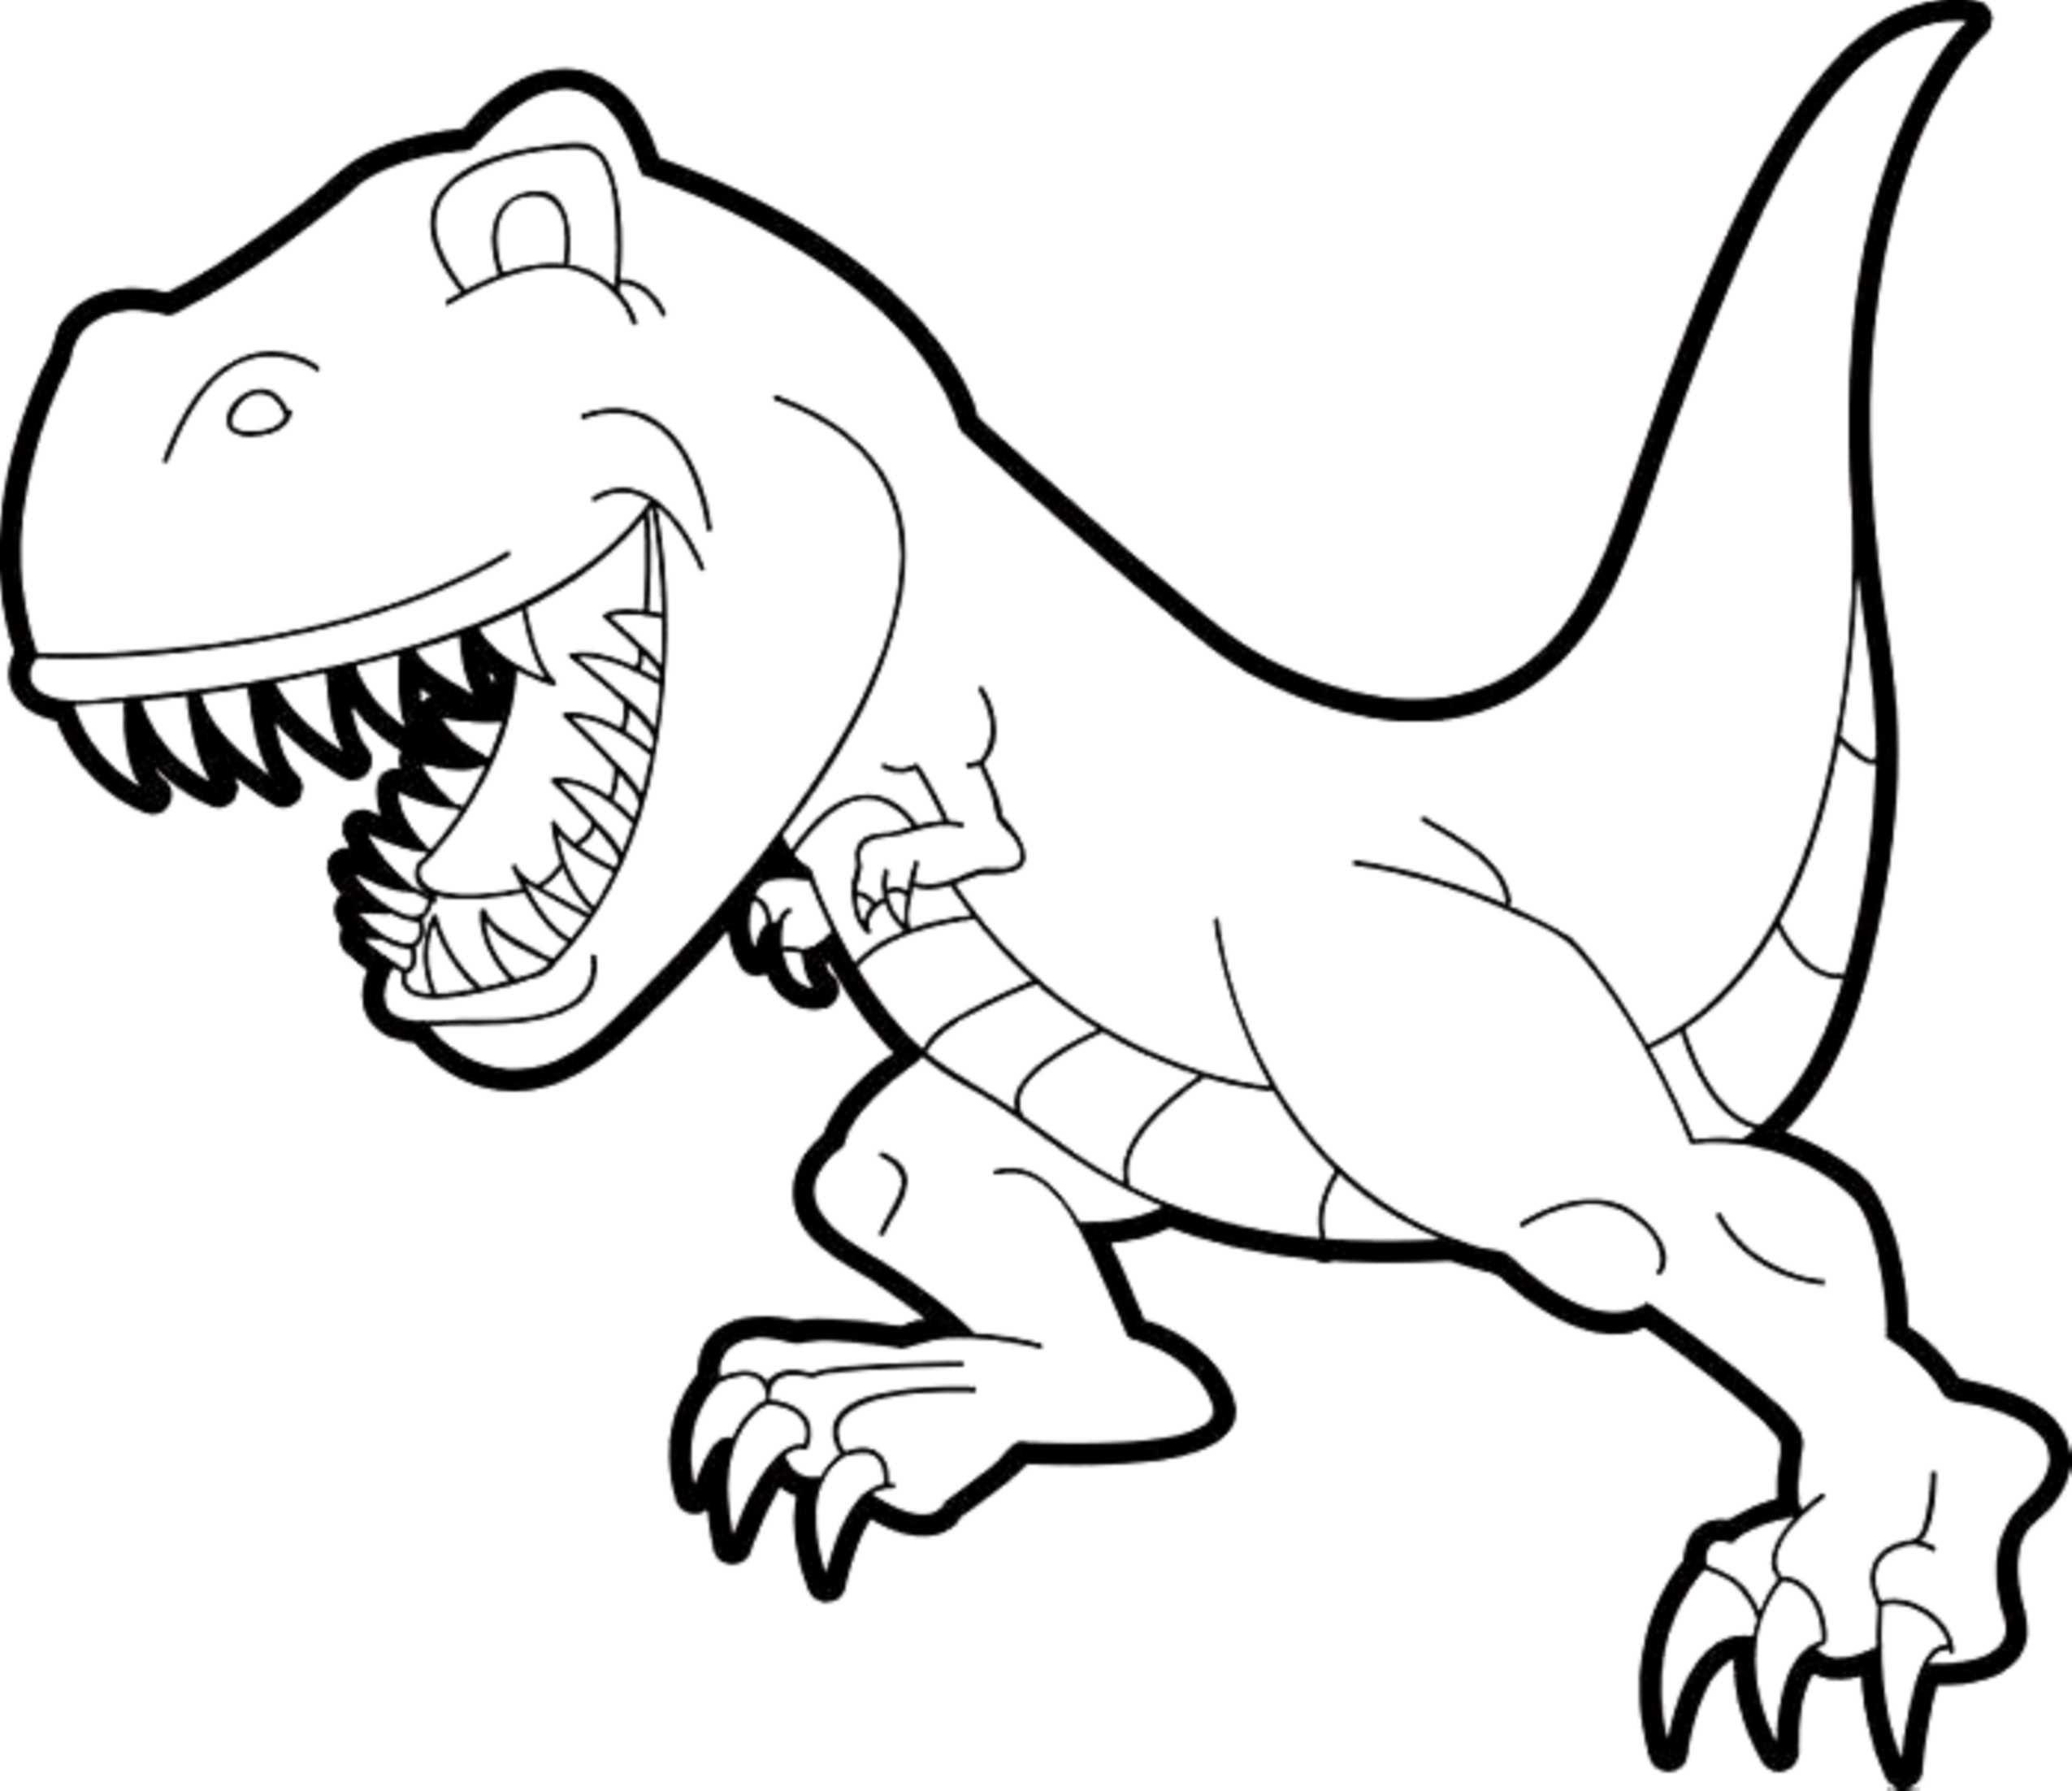 Ausmalbild T-rex Einzigartig 35 T Rex Ausmalbilder Scoredatscore Einzigartig Dinosaurier Rex Fotos